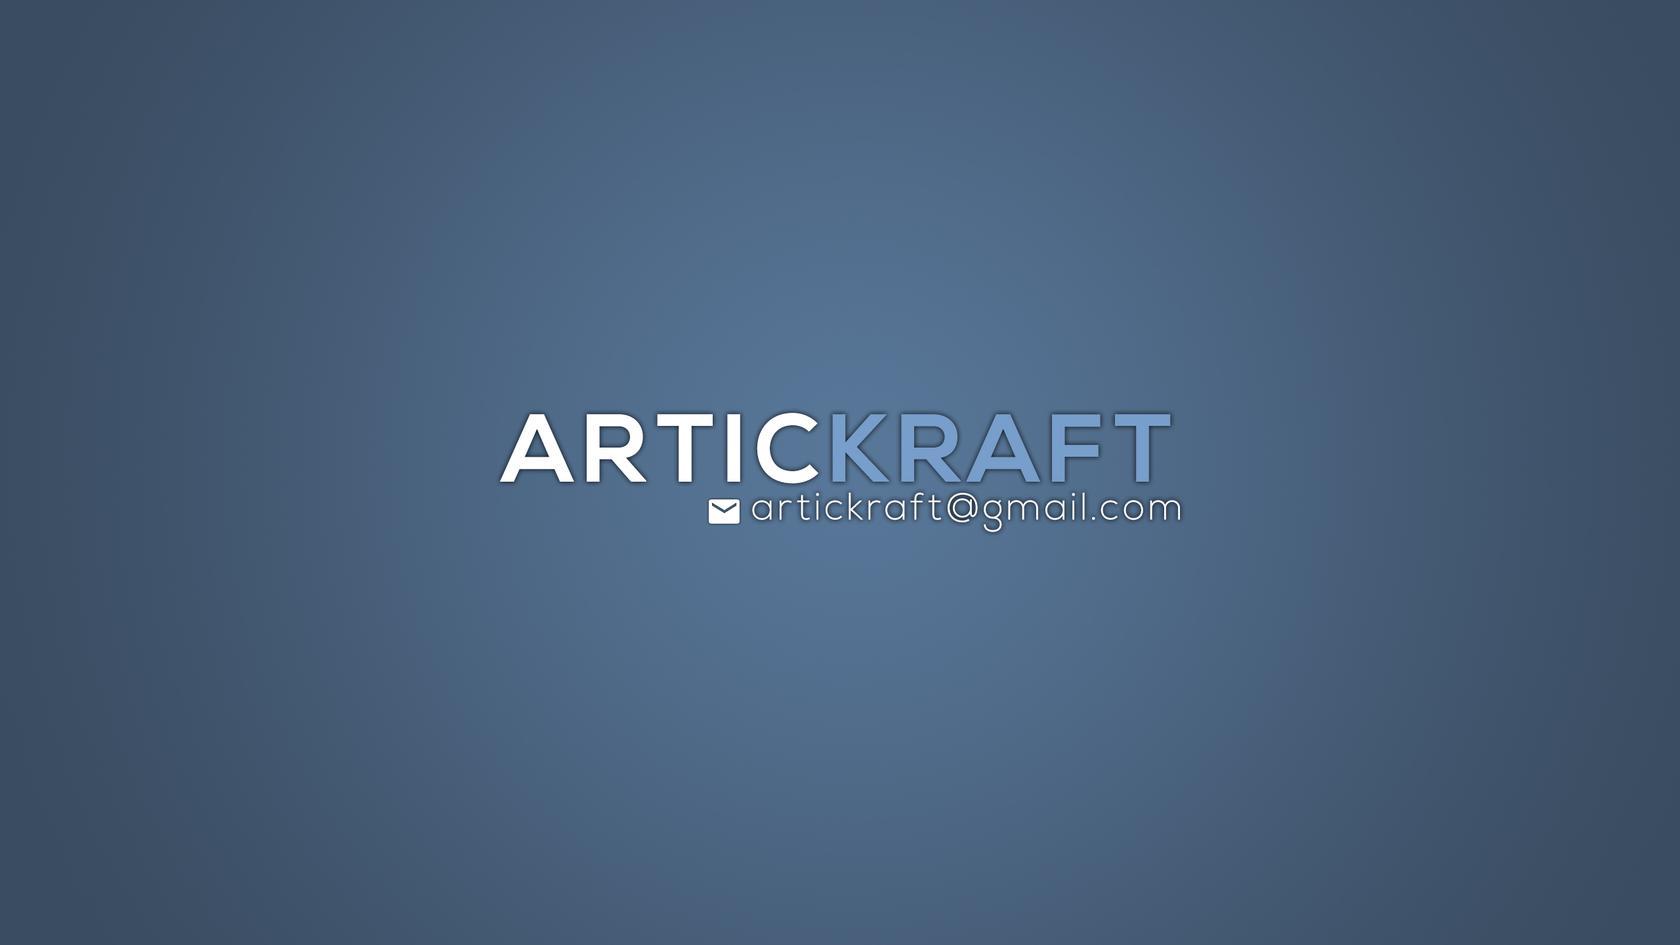 ArticKraft